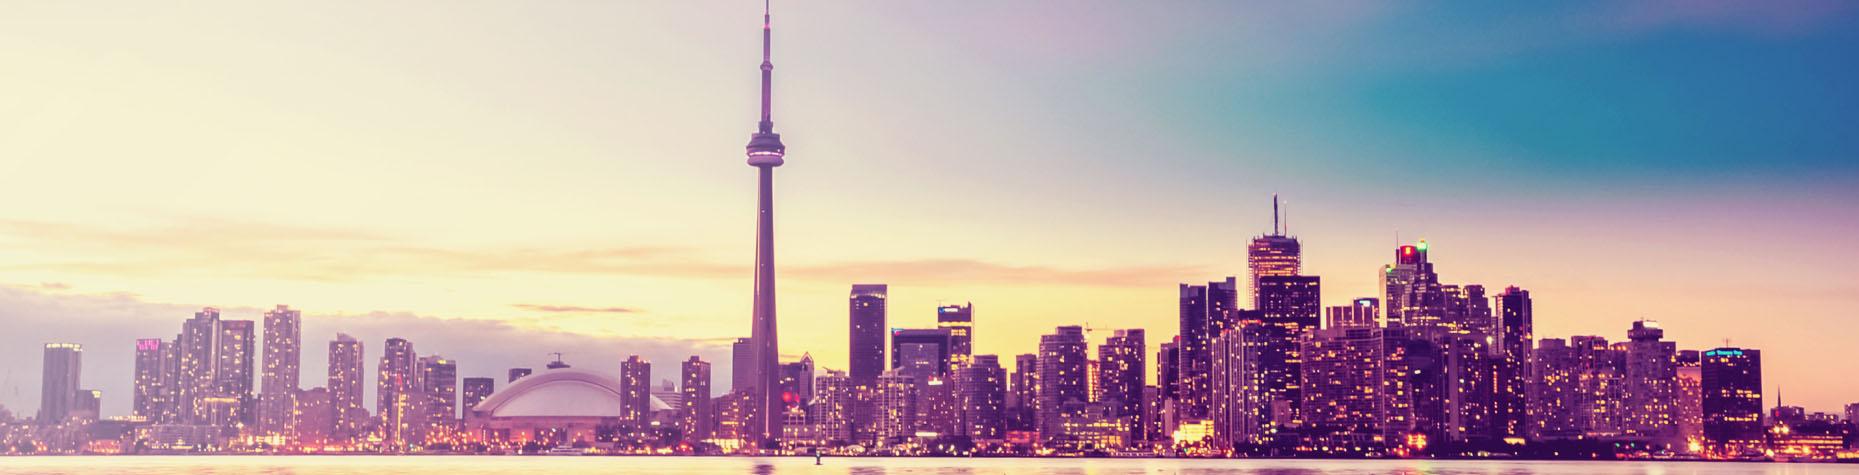 De 10 indrukwekkendste skylines ter wereld